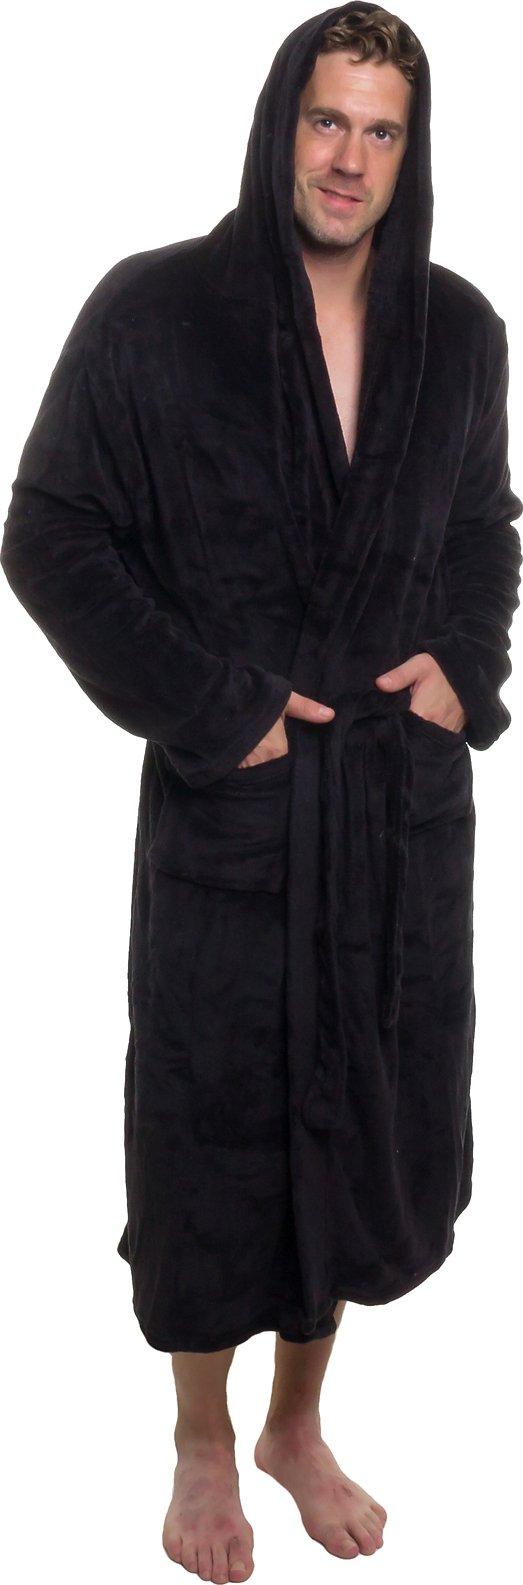 Ross Michaels Mens Hooded Robe - Plush Shawl Kimono Bathrobe (Black, XXL) by Ross Michaels (Image #1)